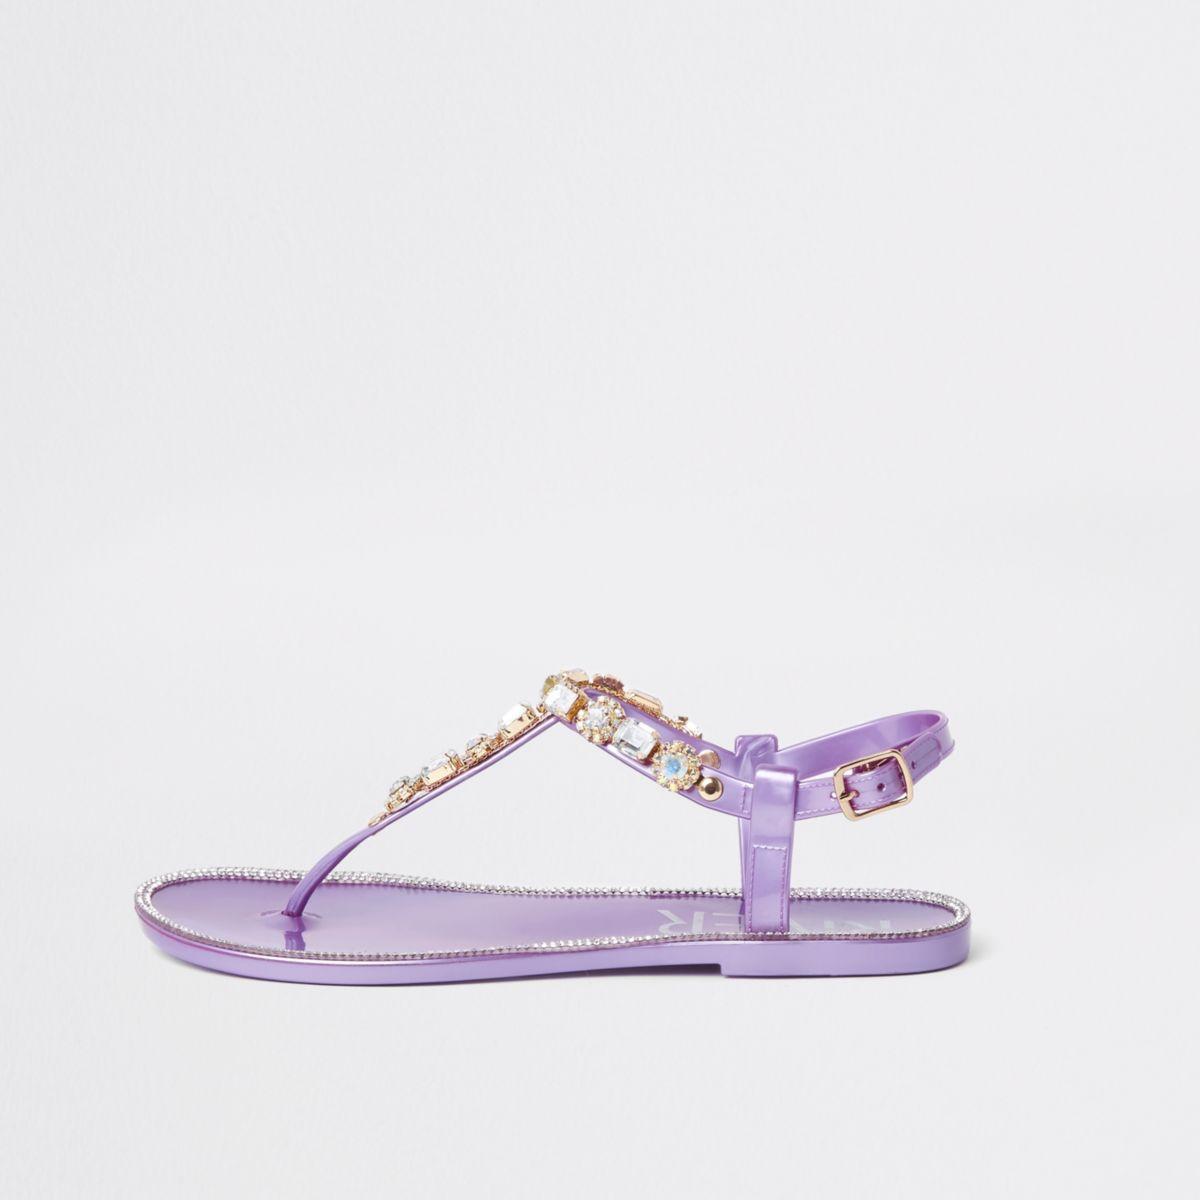 Purple gem embellished jelly sandals